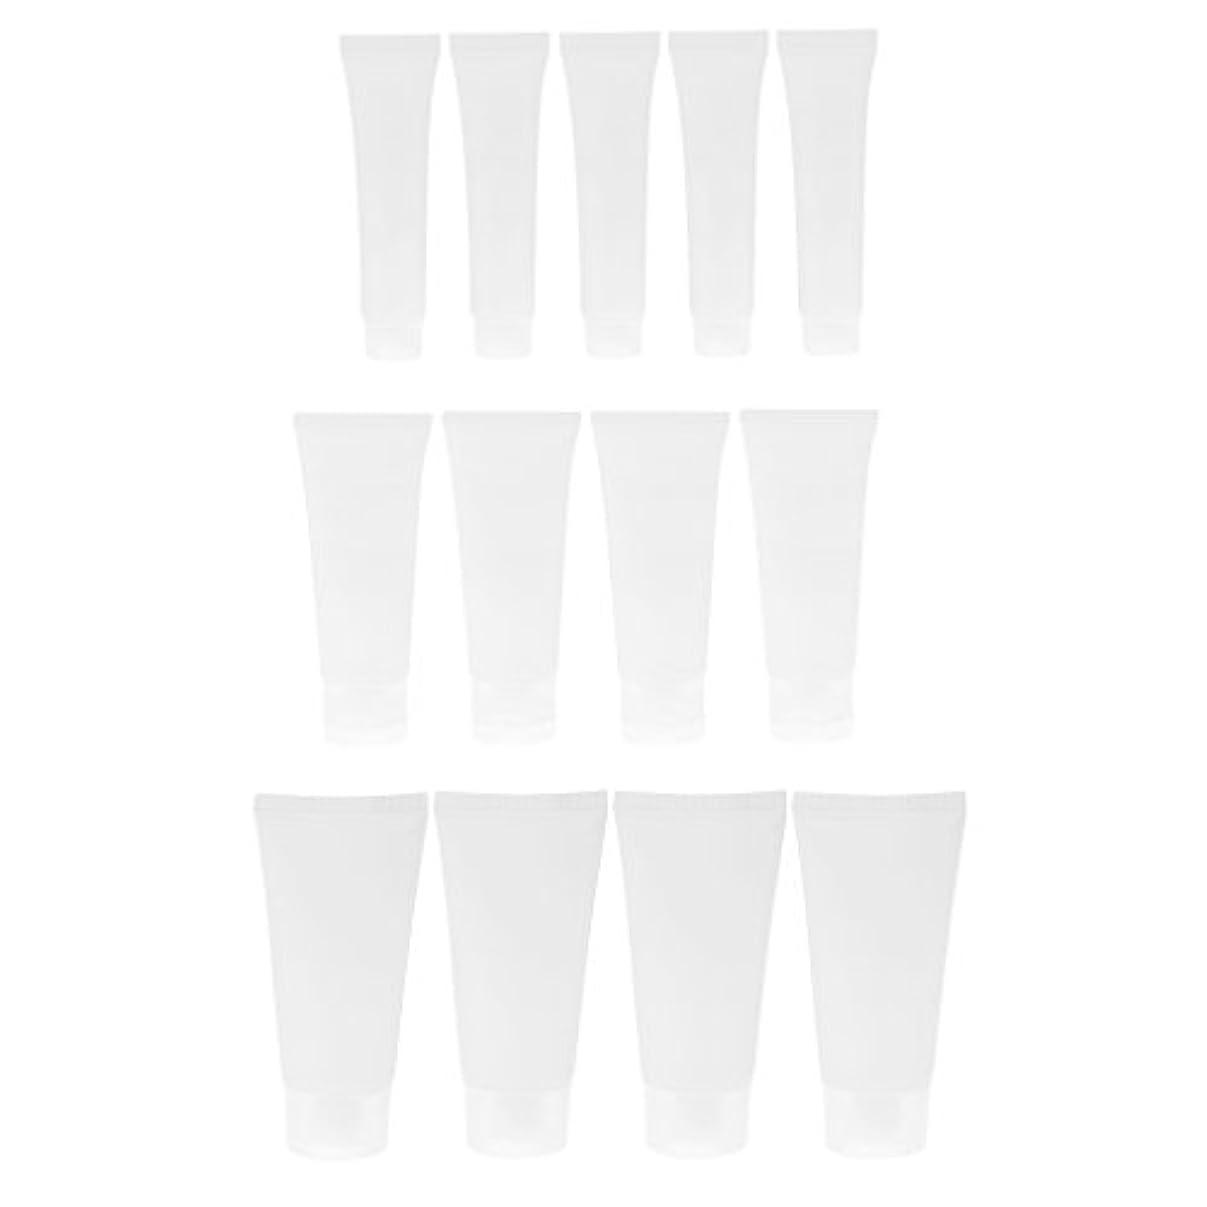 ヤギ検査違法15個セット 15ml / 50ml / 30ml 空チューブ ハンドクリーム ローション ボトル 軽量